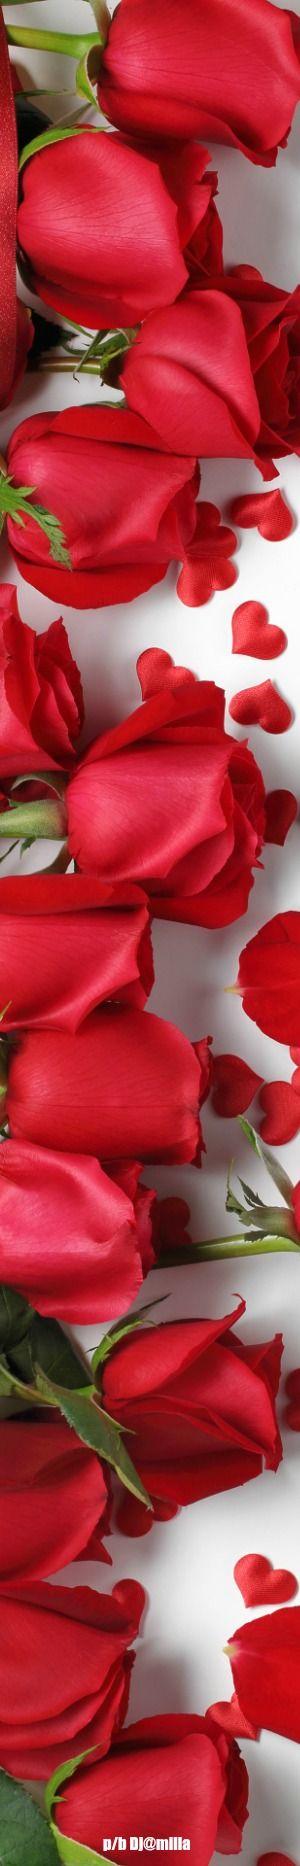 DesertRose,;,beautiful red roses ,;,